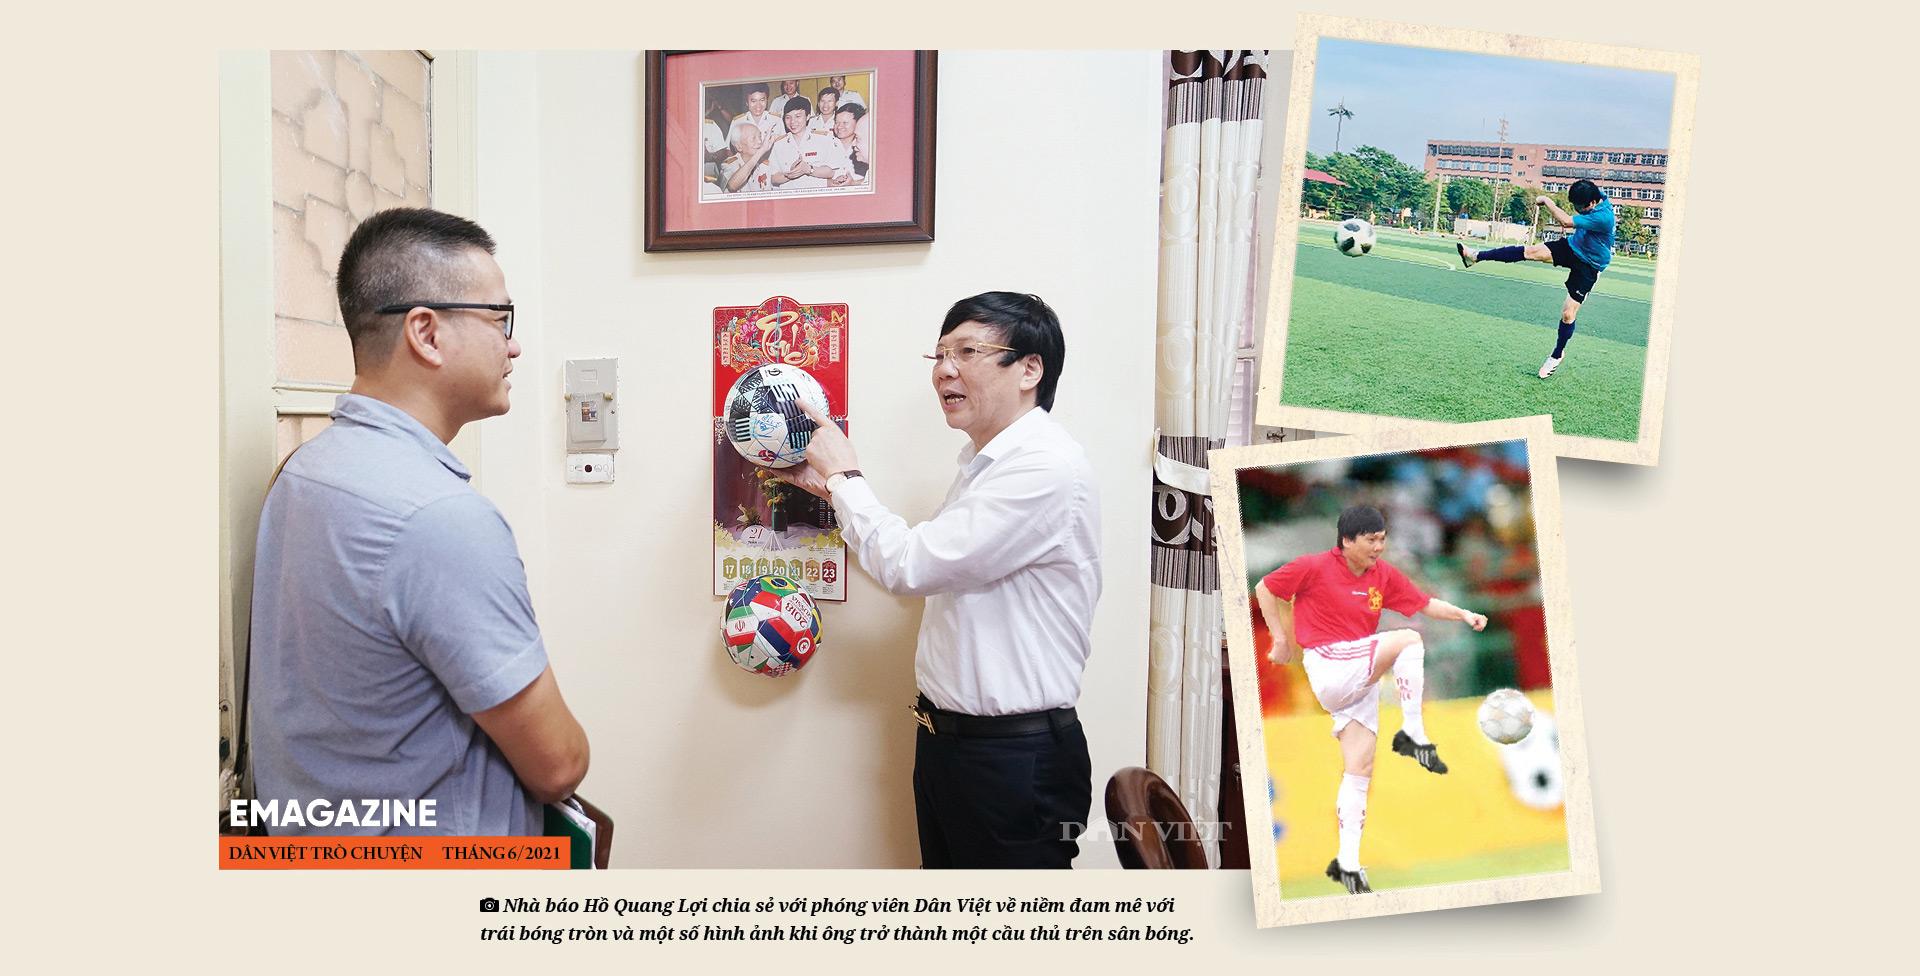 Nhà báo Hồ Quang Lợi: Dù công nghệ thay đổi ra sao, mấu chốt nghề báo vẫn là vì công lý và sự thật - Ảnh 2.